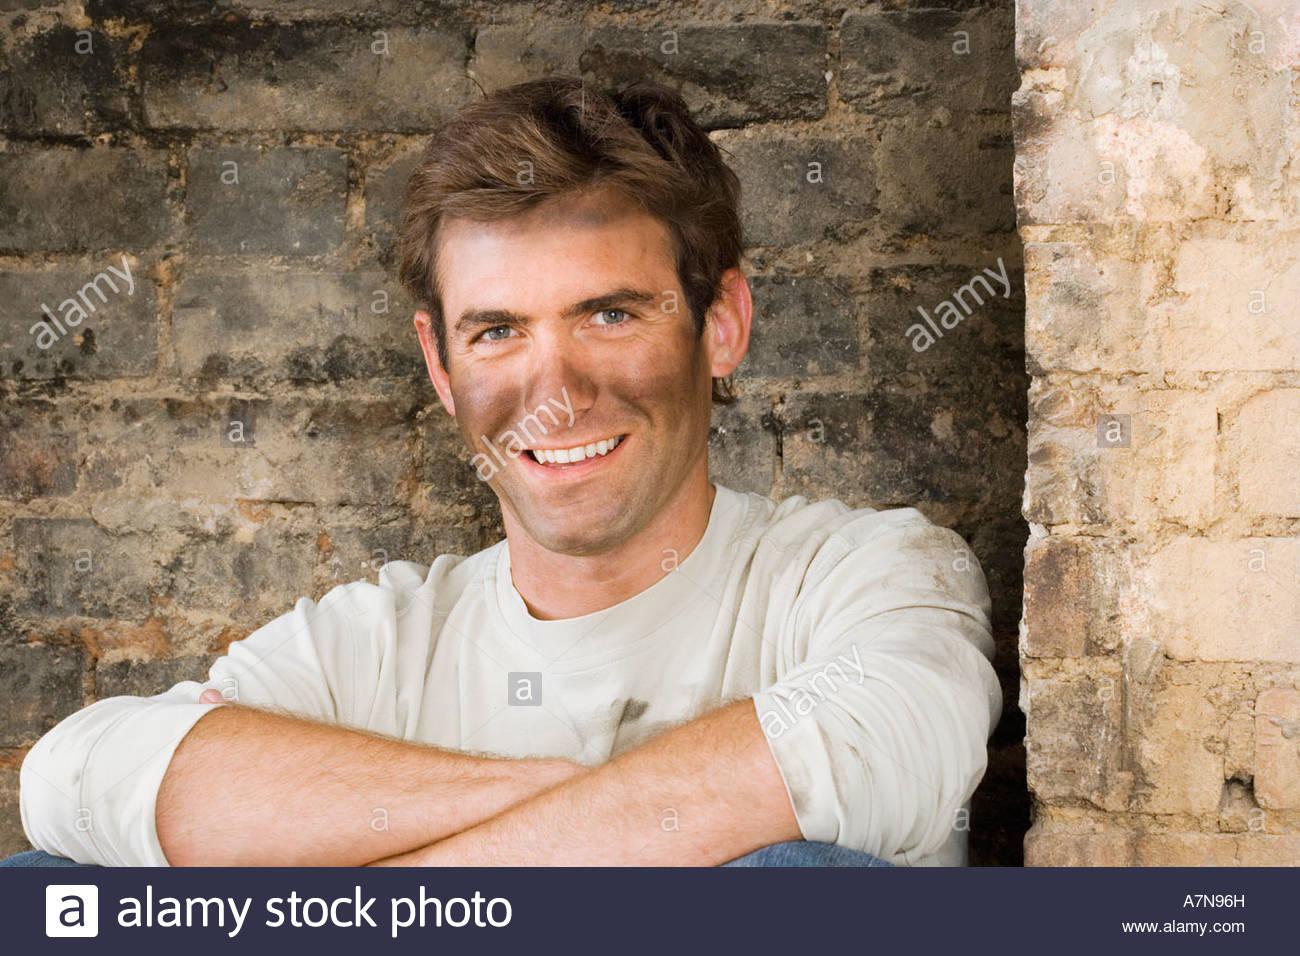 Mann Mit Dreckiges Gesicht Tun DIY Zu Hause Sitzen In Gemauerten Kamin,  Lächeln, Porträt